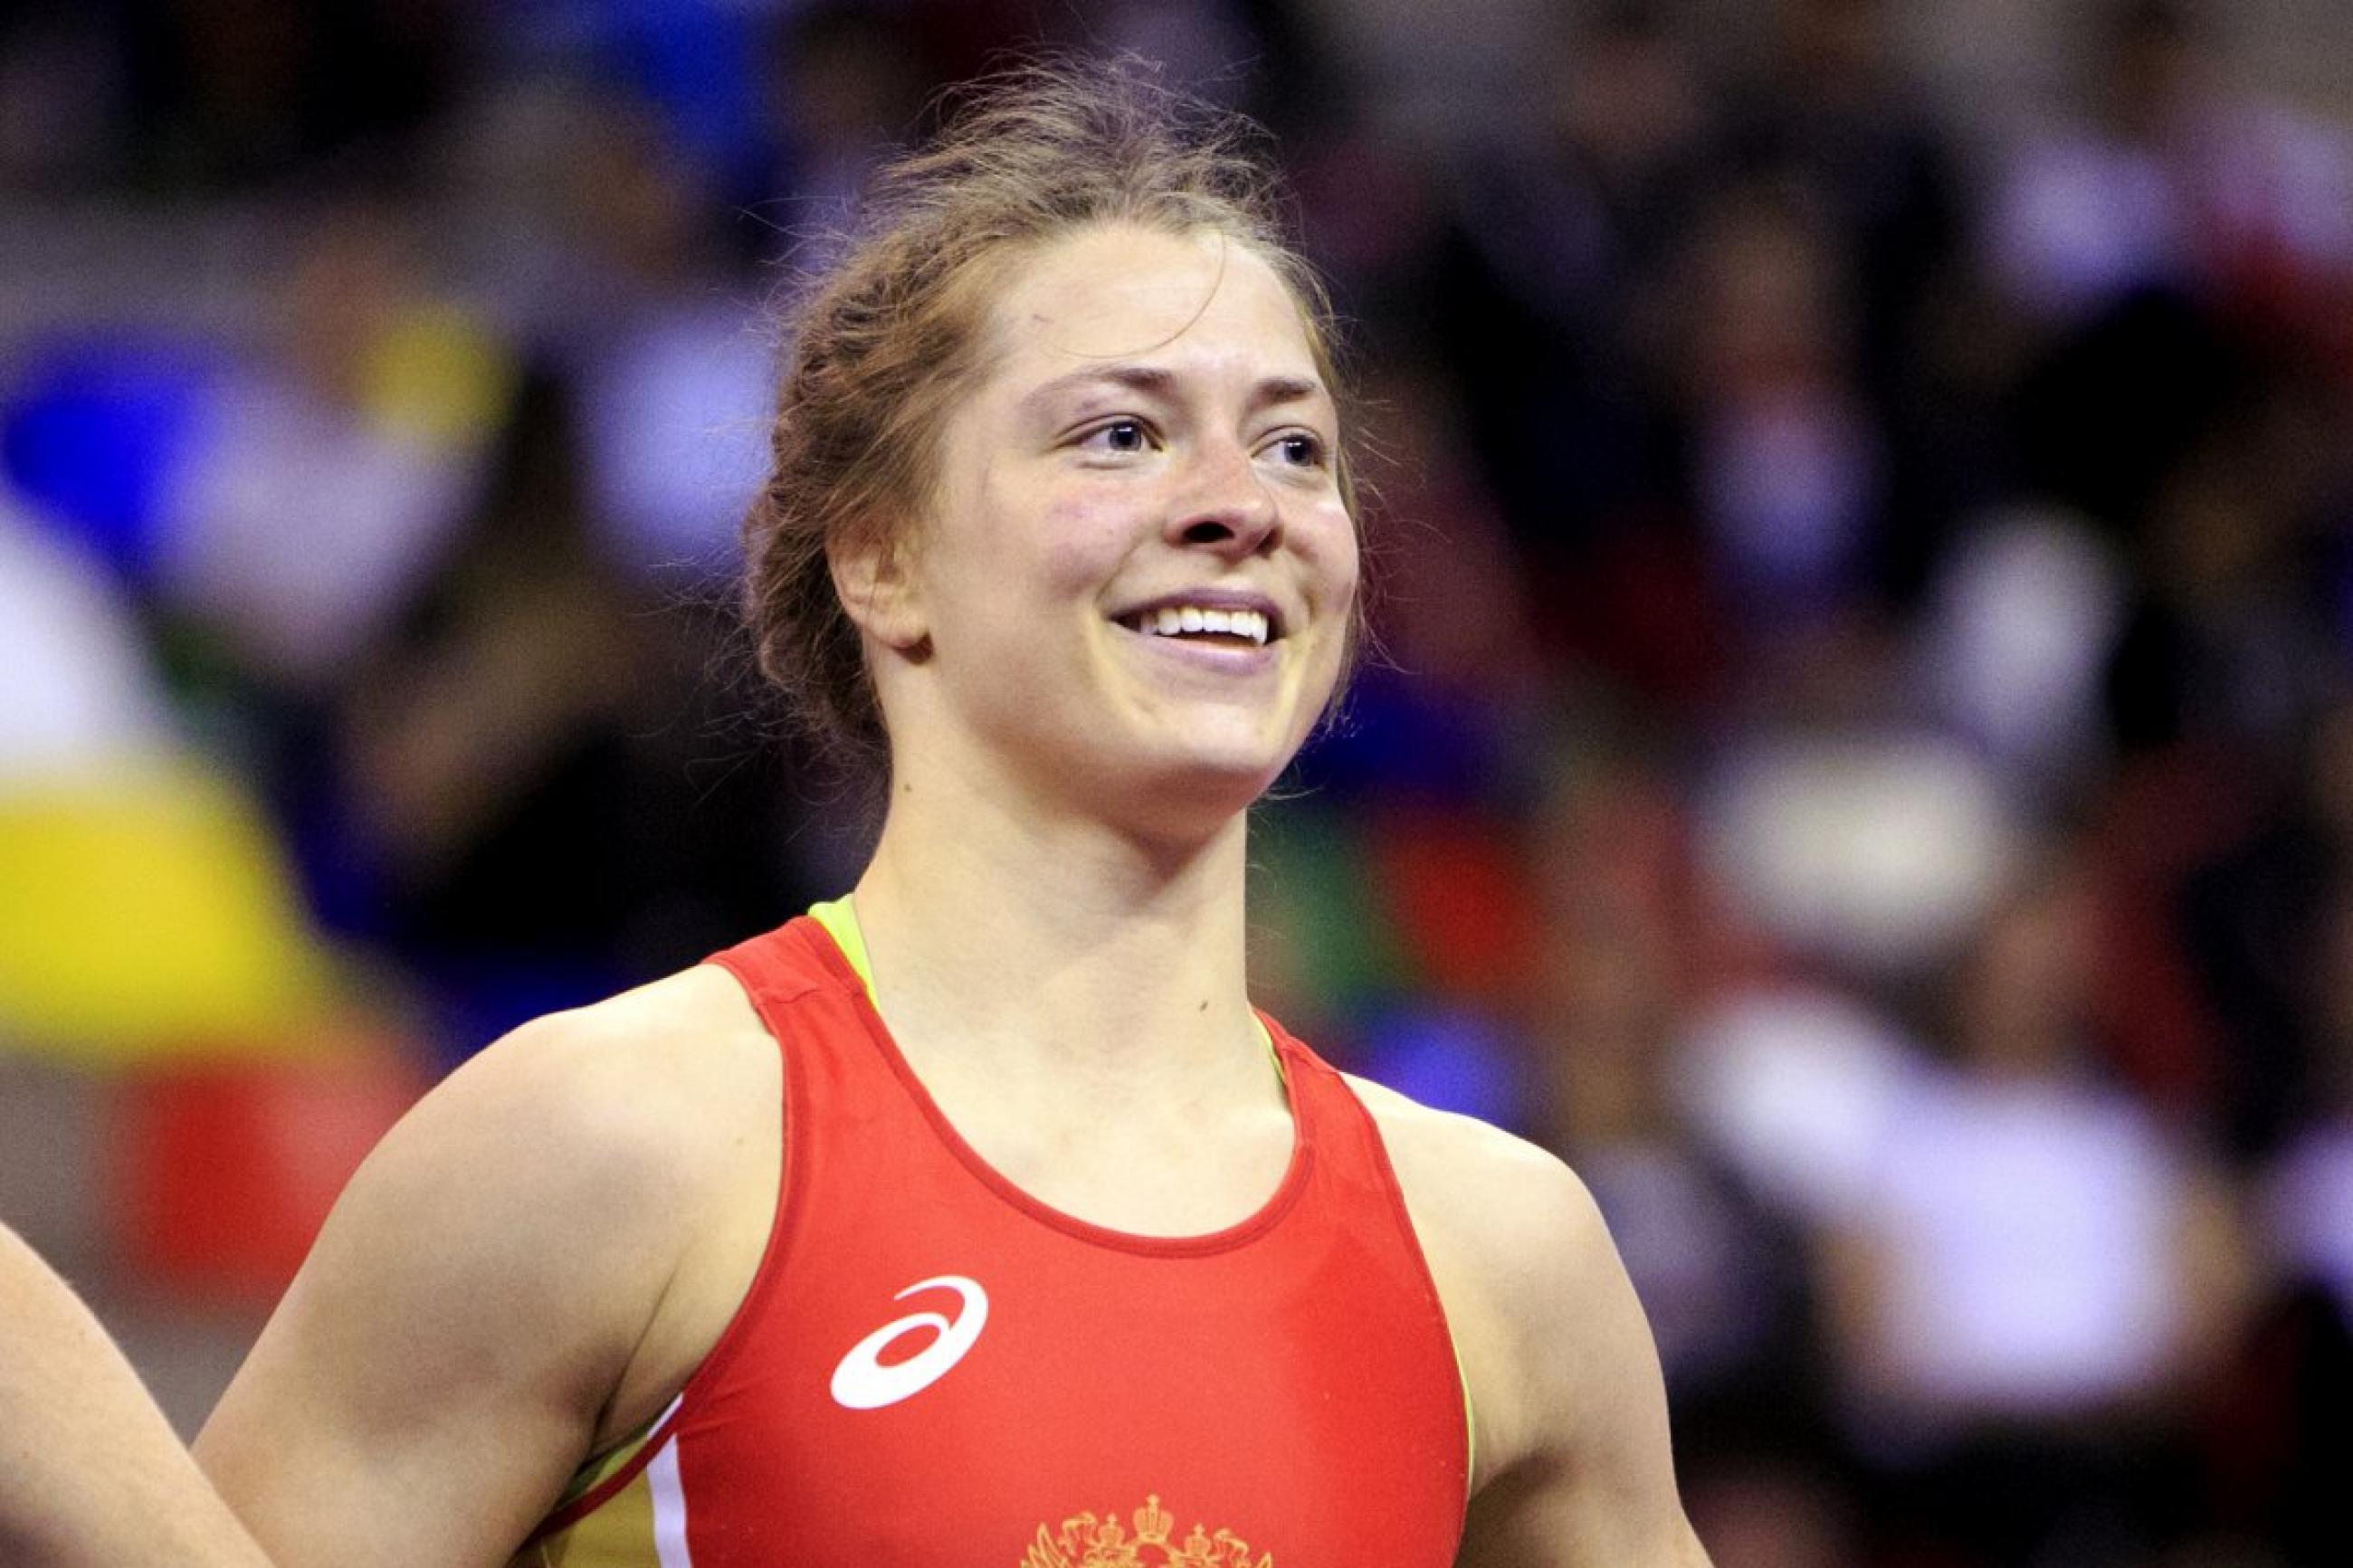 Спортсменки из Подмосковья выиграли предолимпийский чемпионат России по женской борьбе